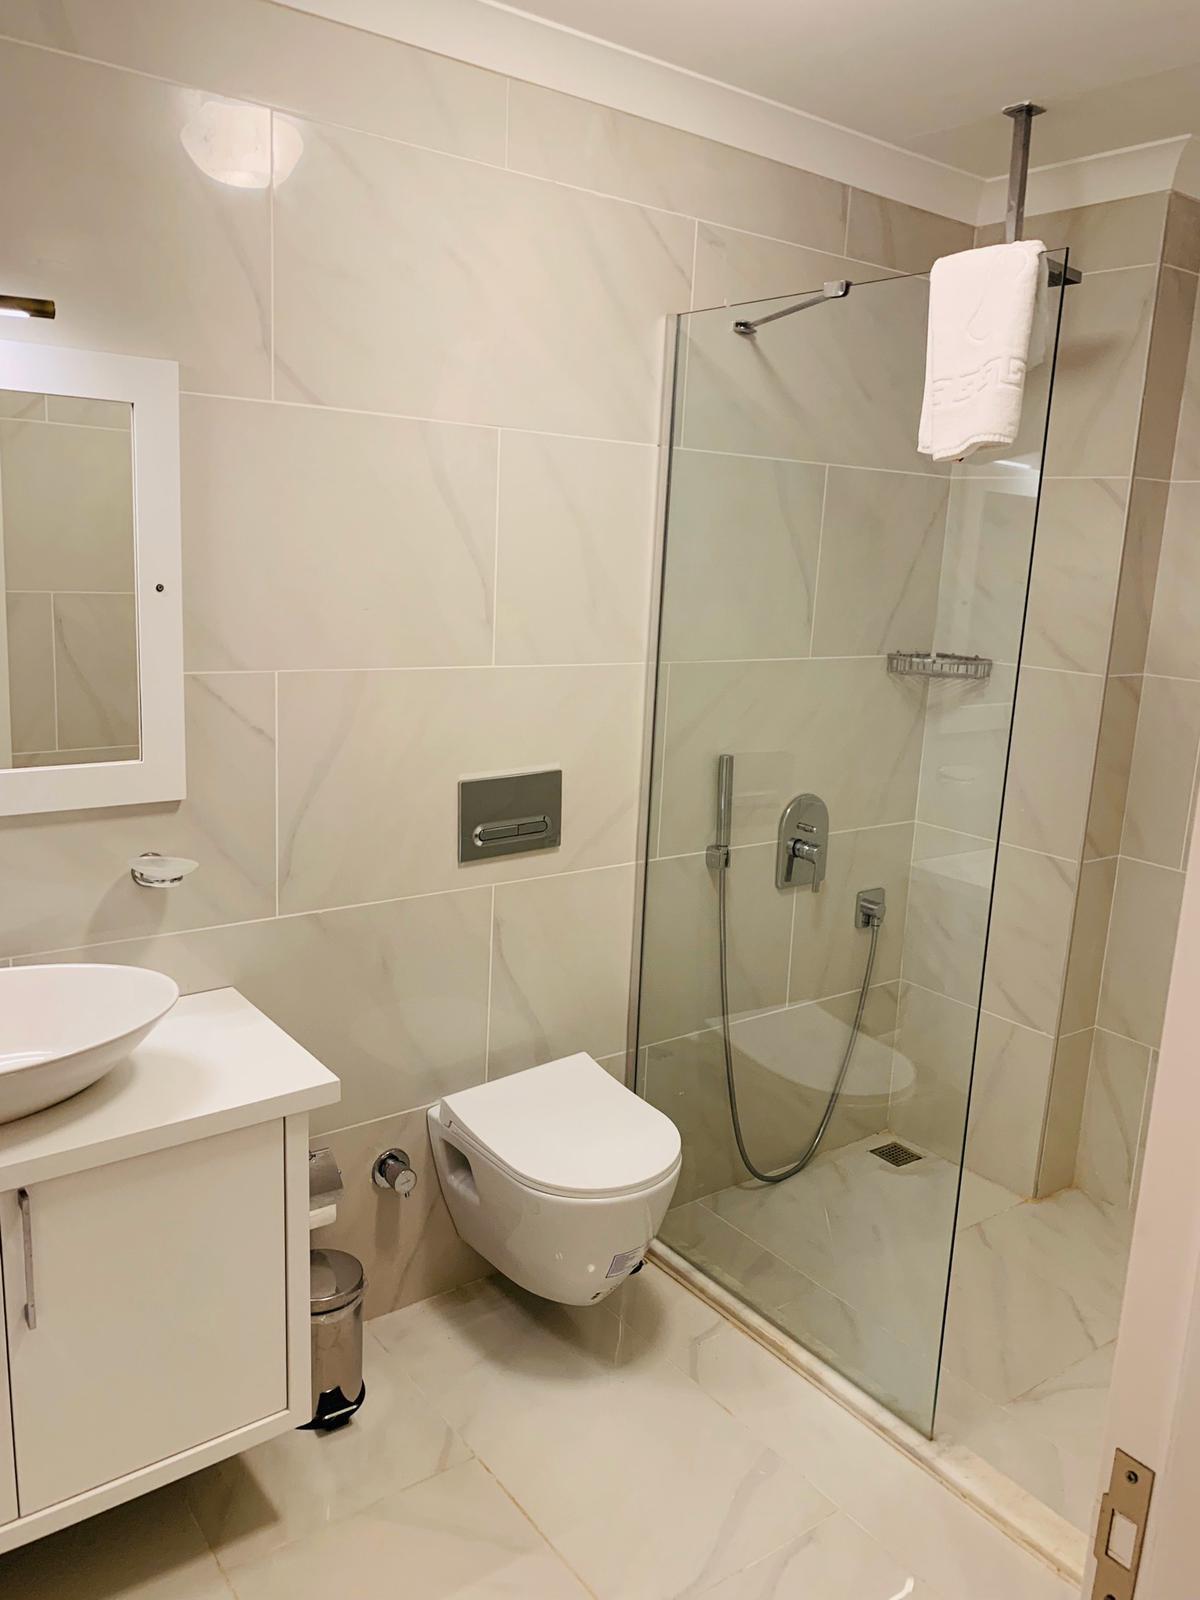 V840 shower room